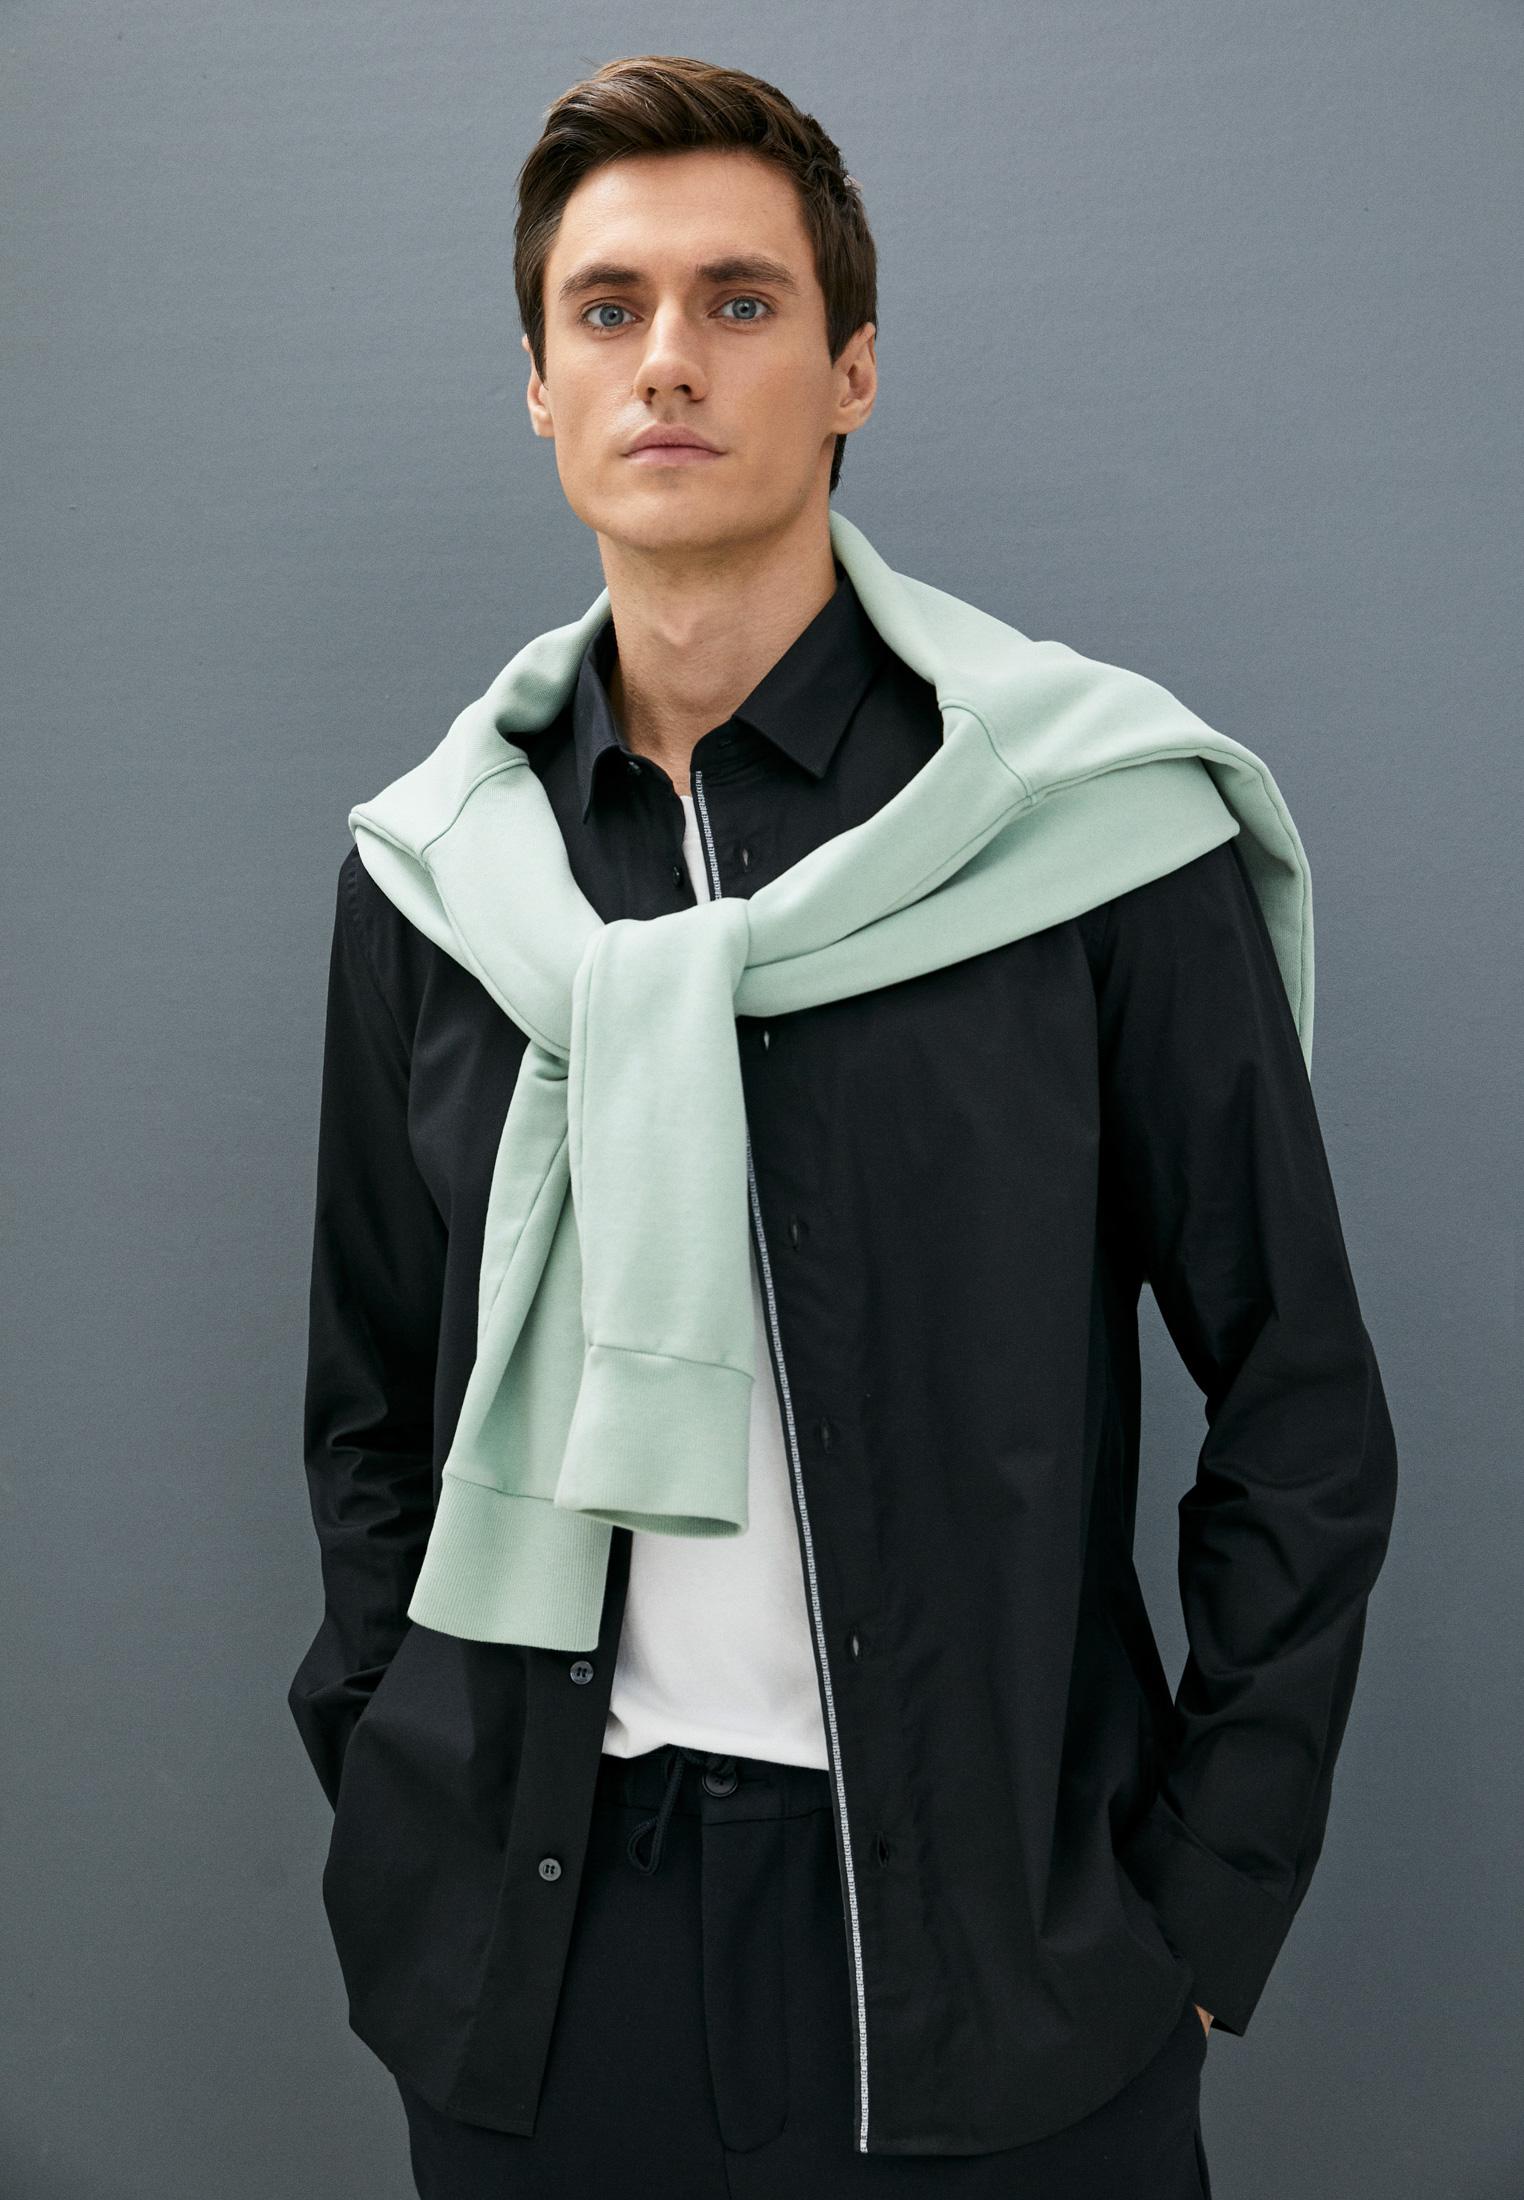 Рубашка с длинным рукавом Bikkembergs (Биккембергс) C C 072 00 S 2931: изображение 2